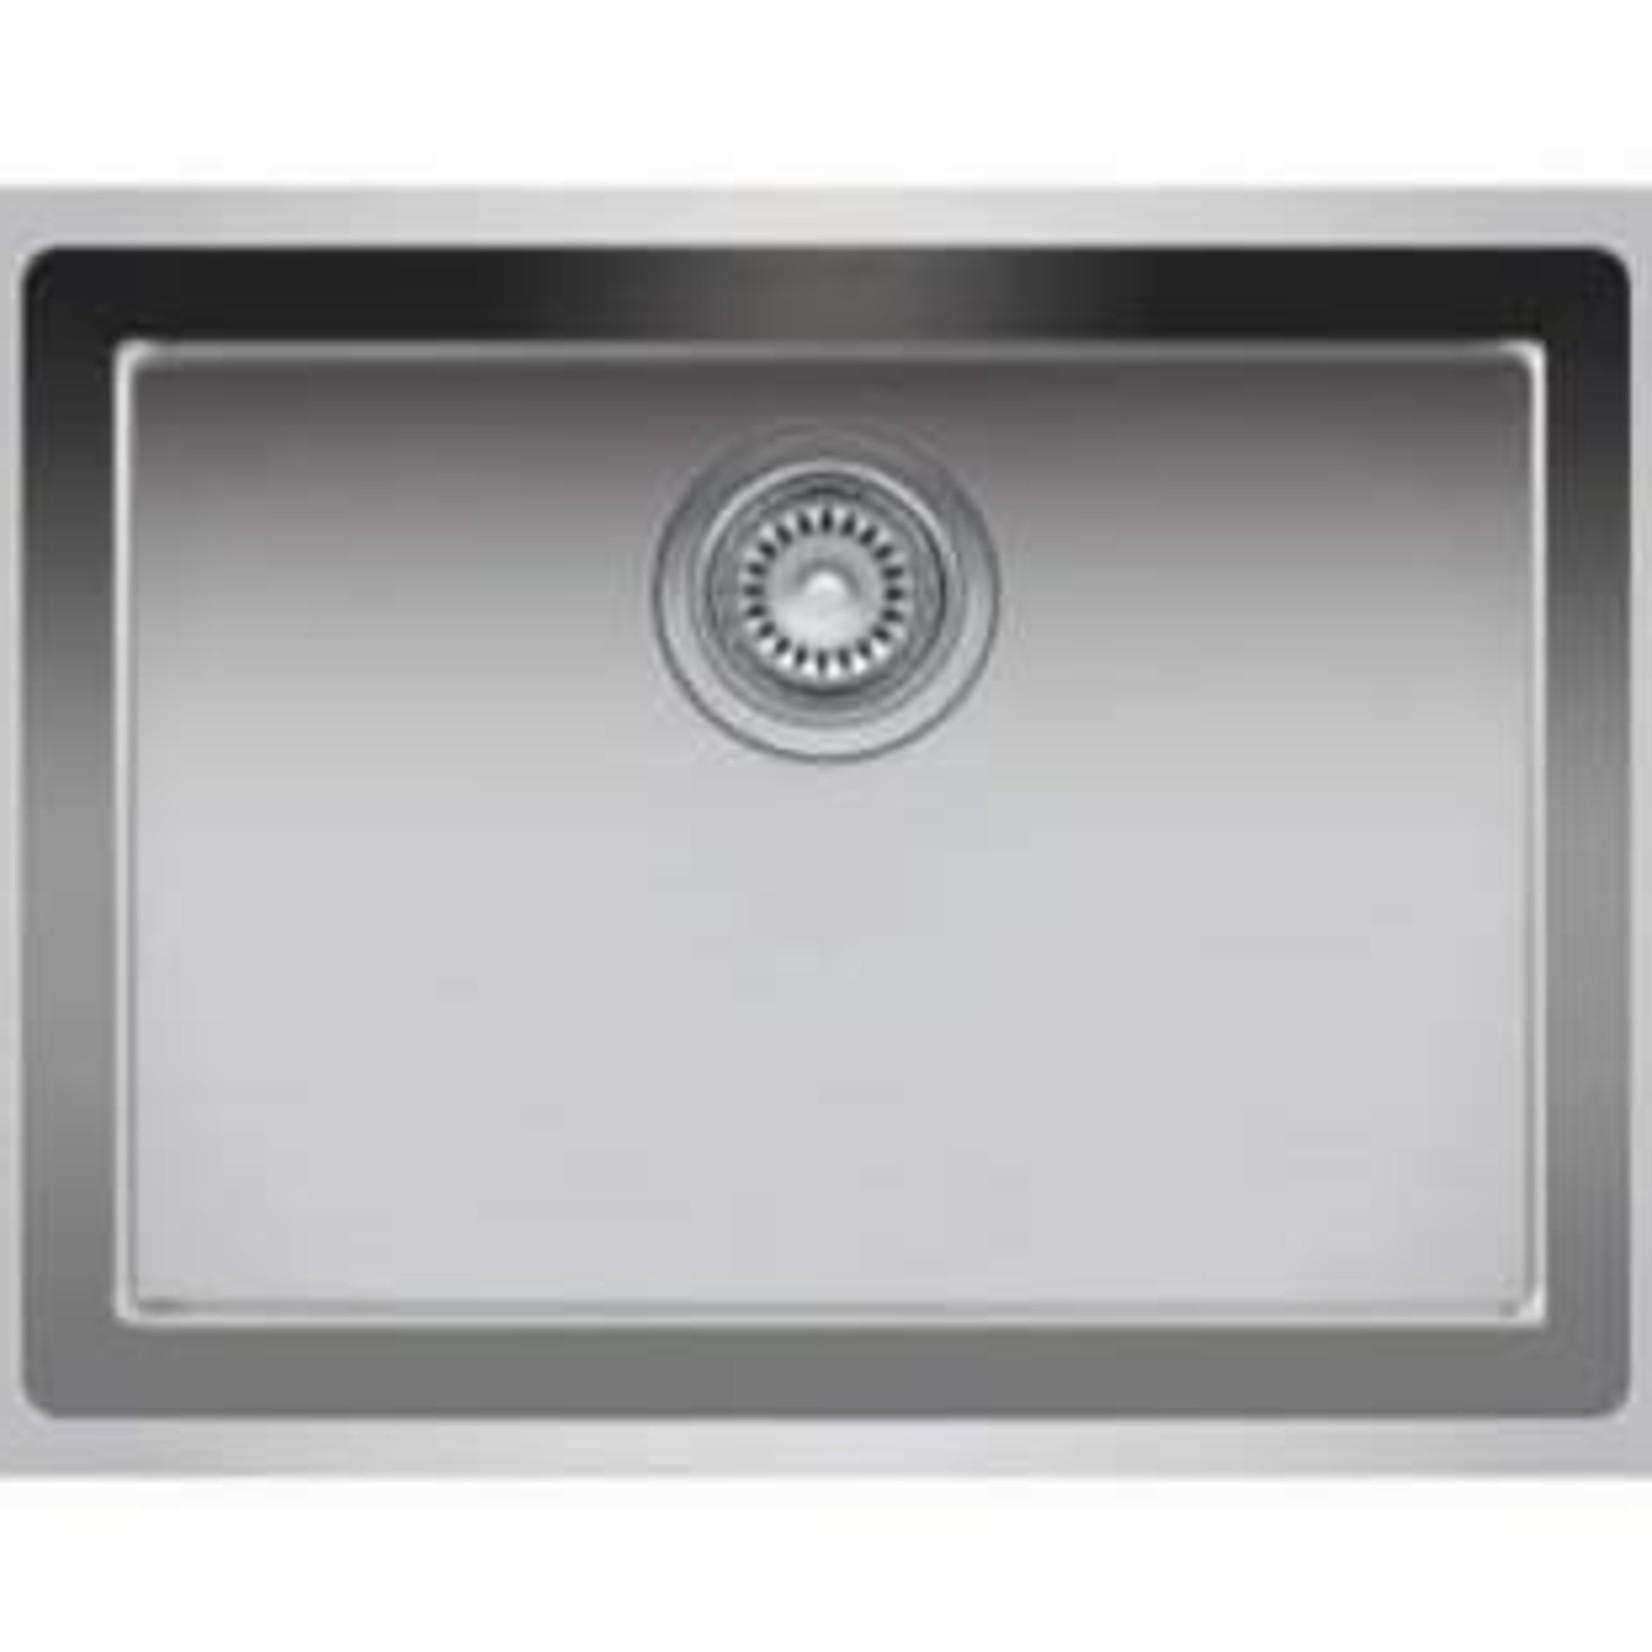 """Single bowl undermount kitchen sink 23 """"x 18"""" x 9 """"Nautika ZR104U"""